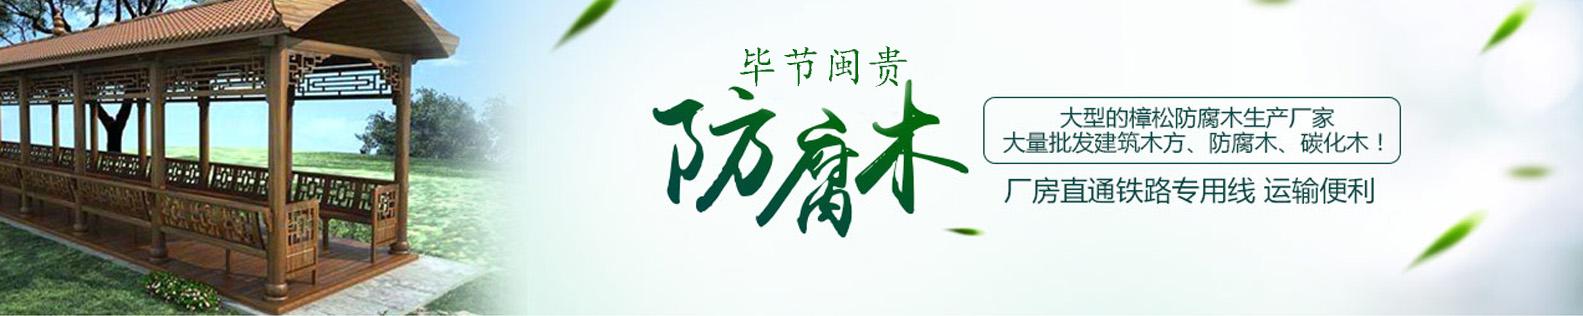 貴州閩貴景觀林木業有限公司